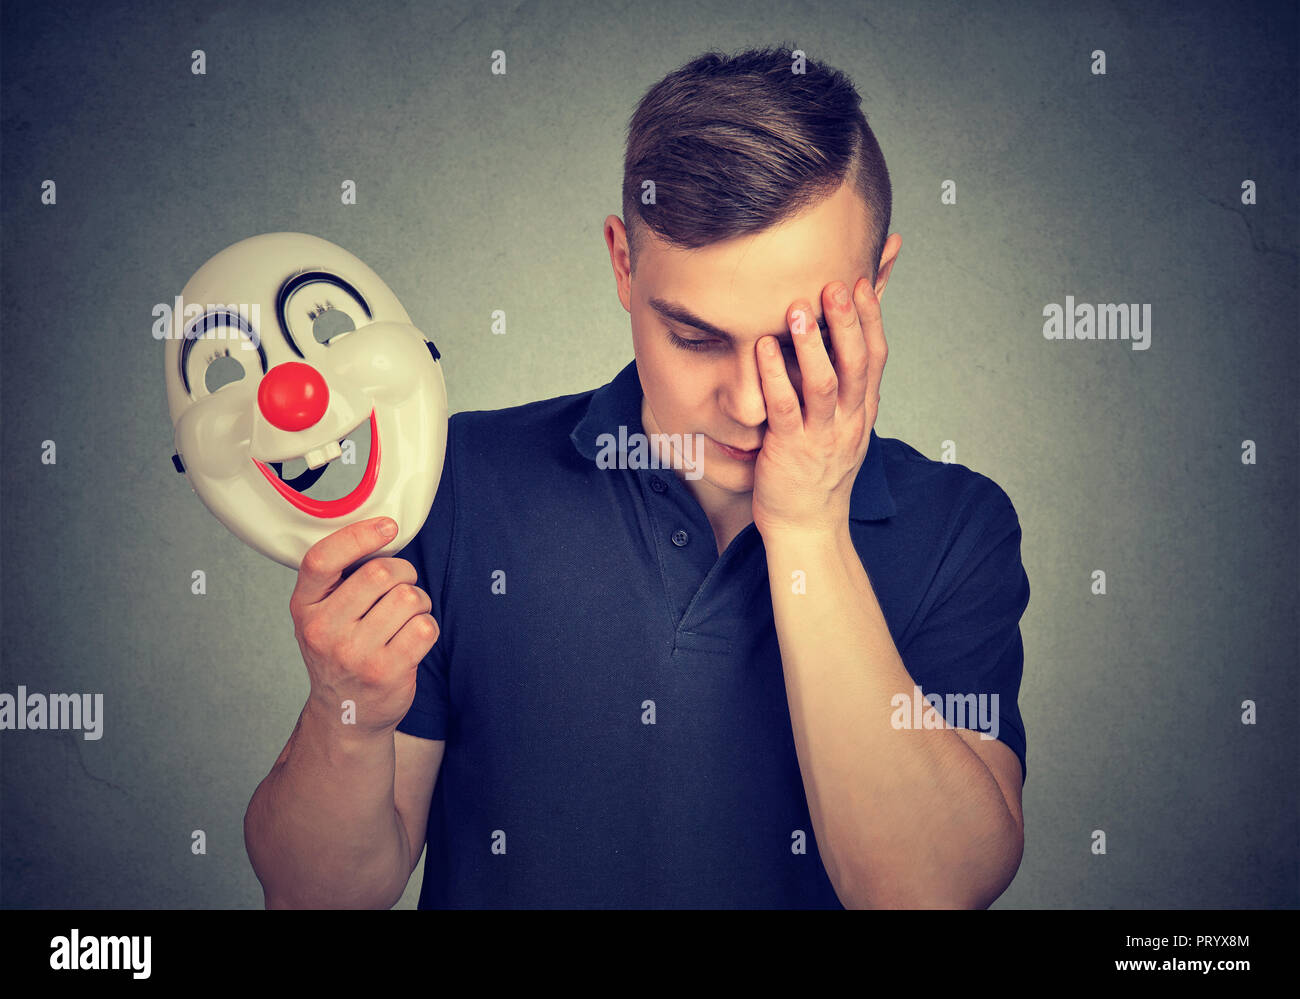 Jeune homme tenant un masque de clown aux couleurs vives et à la colère d'être en dépression et de cacher leurs sentiments Photo Stock